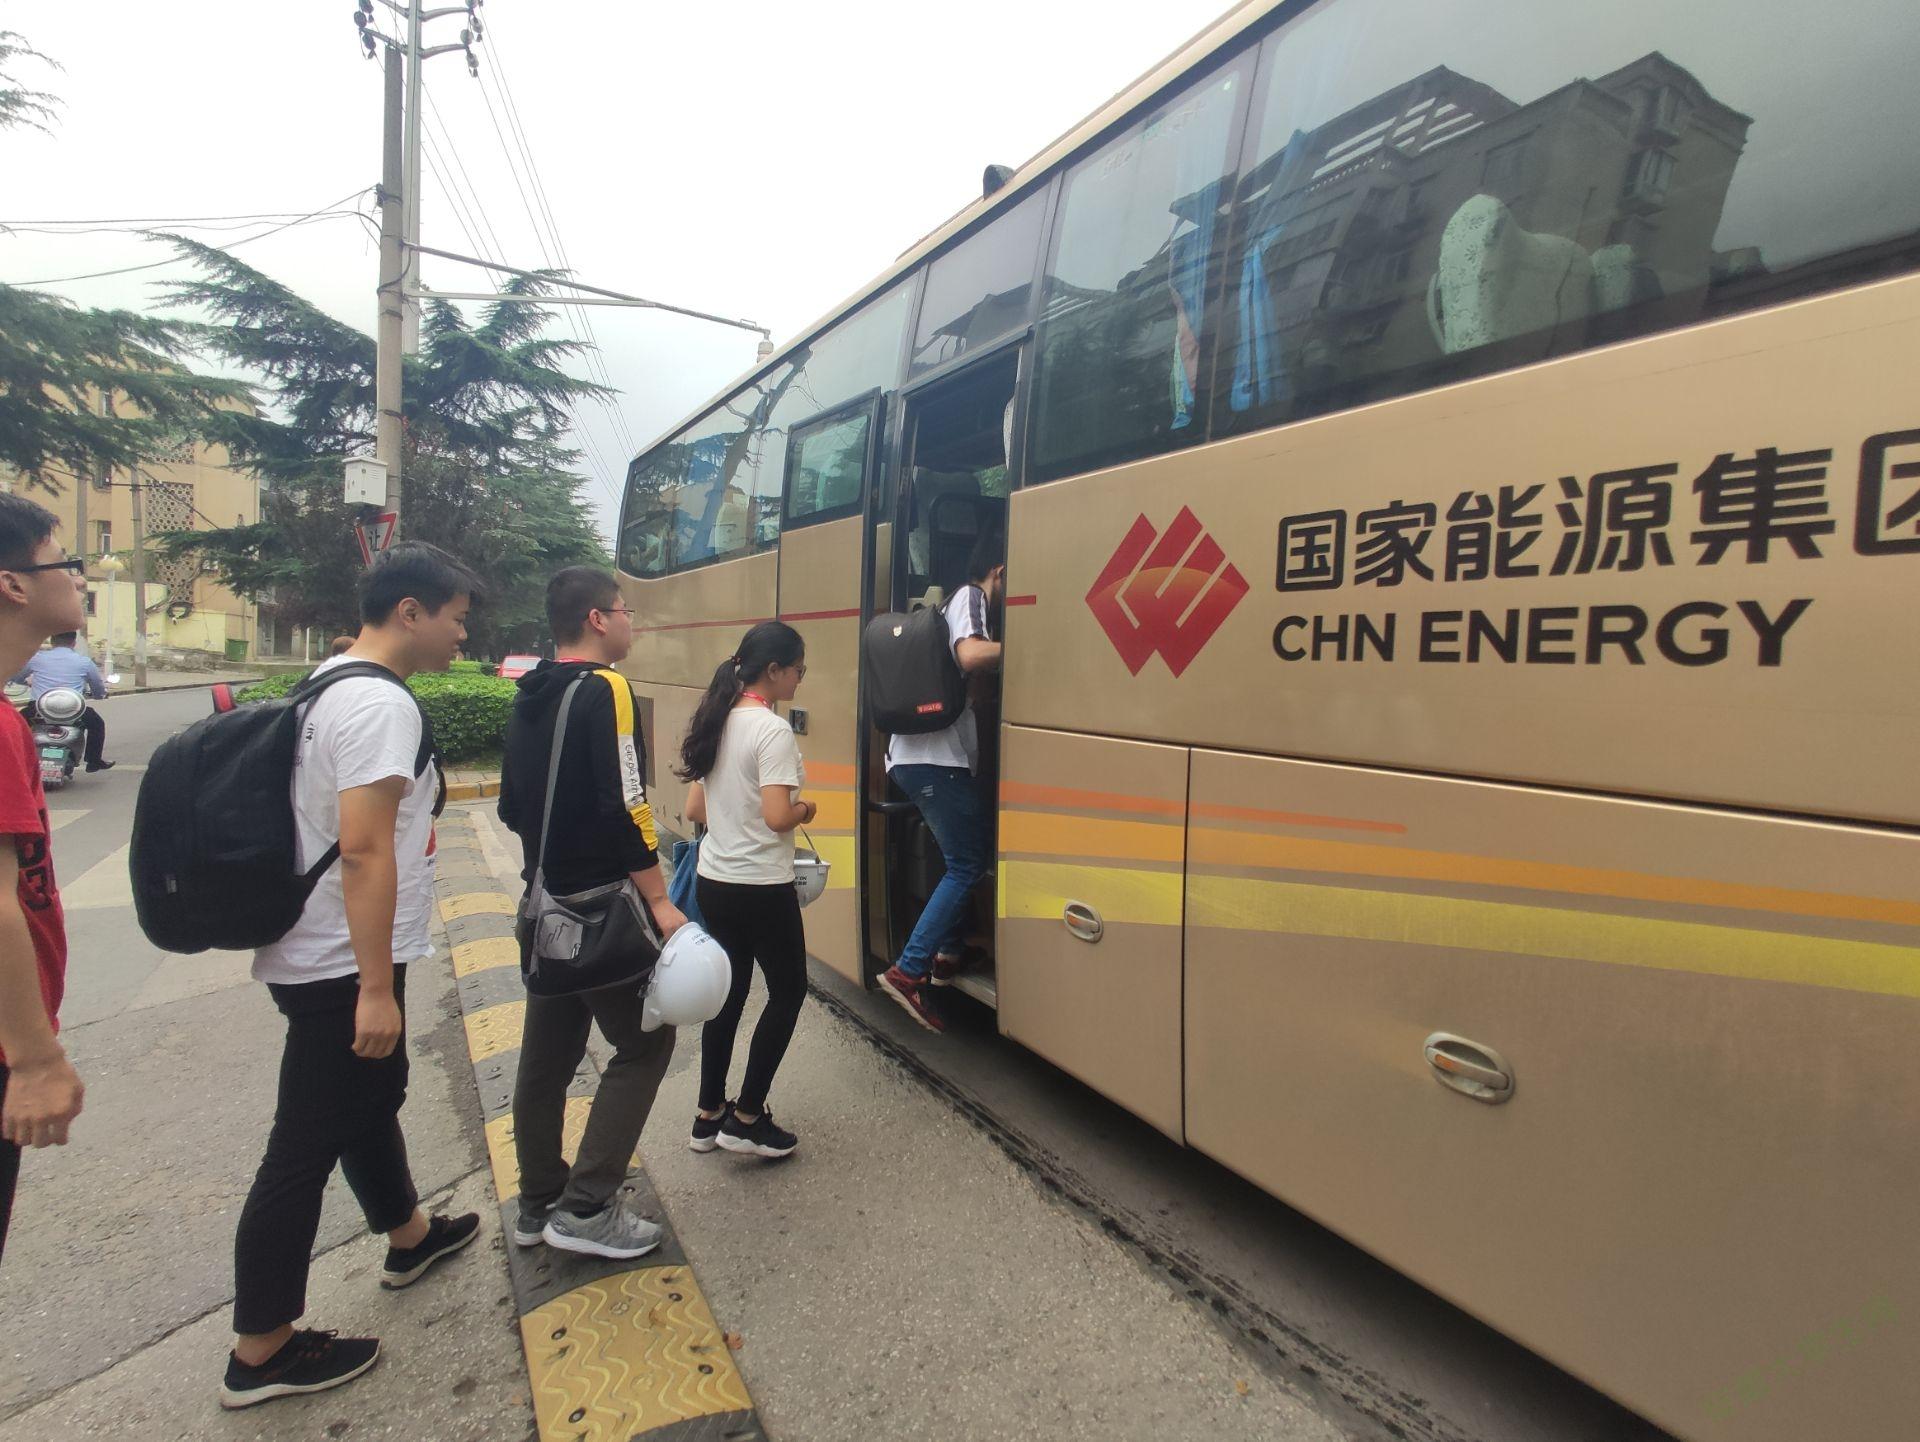 """安徽工业大学能源与环境学院暑期社会实践:实践得真理""""工作亦离不开学习"""""""